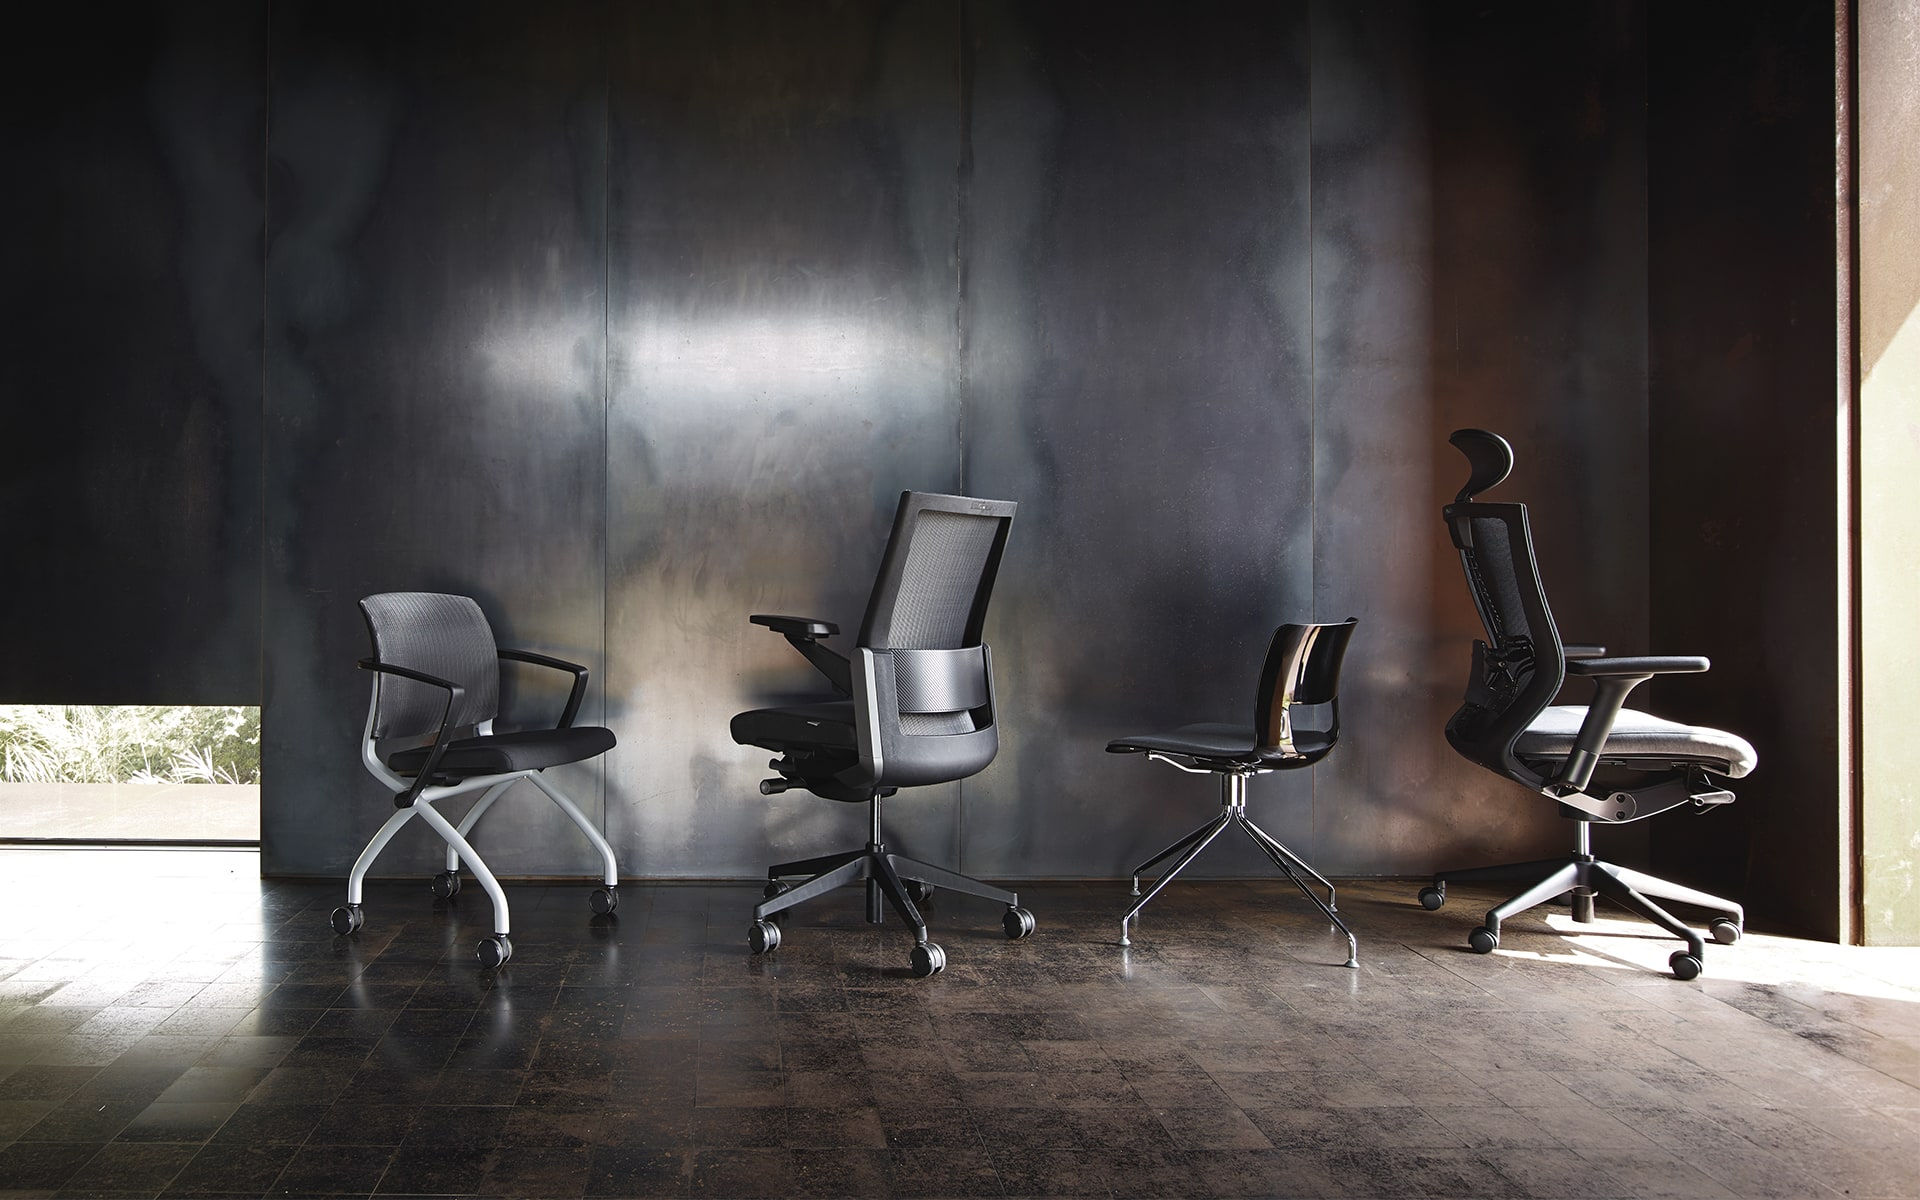 Schwarz-grauer Sidiz T80 Chefsessel von ITO Design mit anderen Stühlen vor Metallwand in leerem Raum